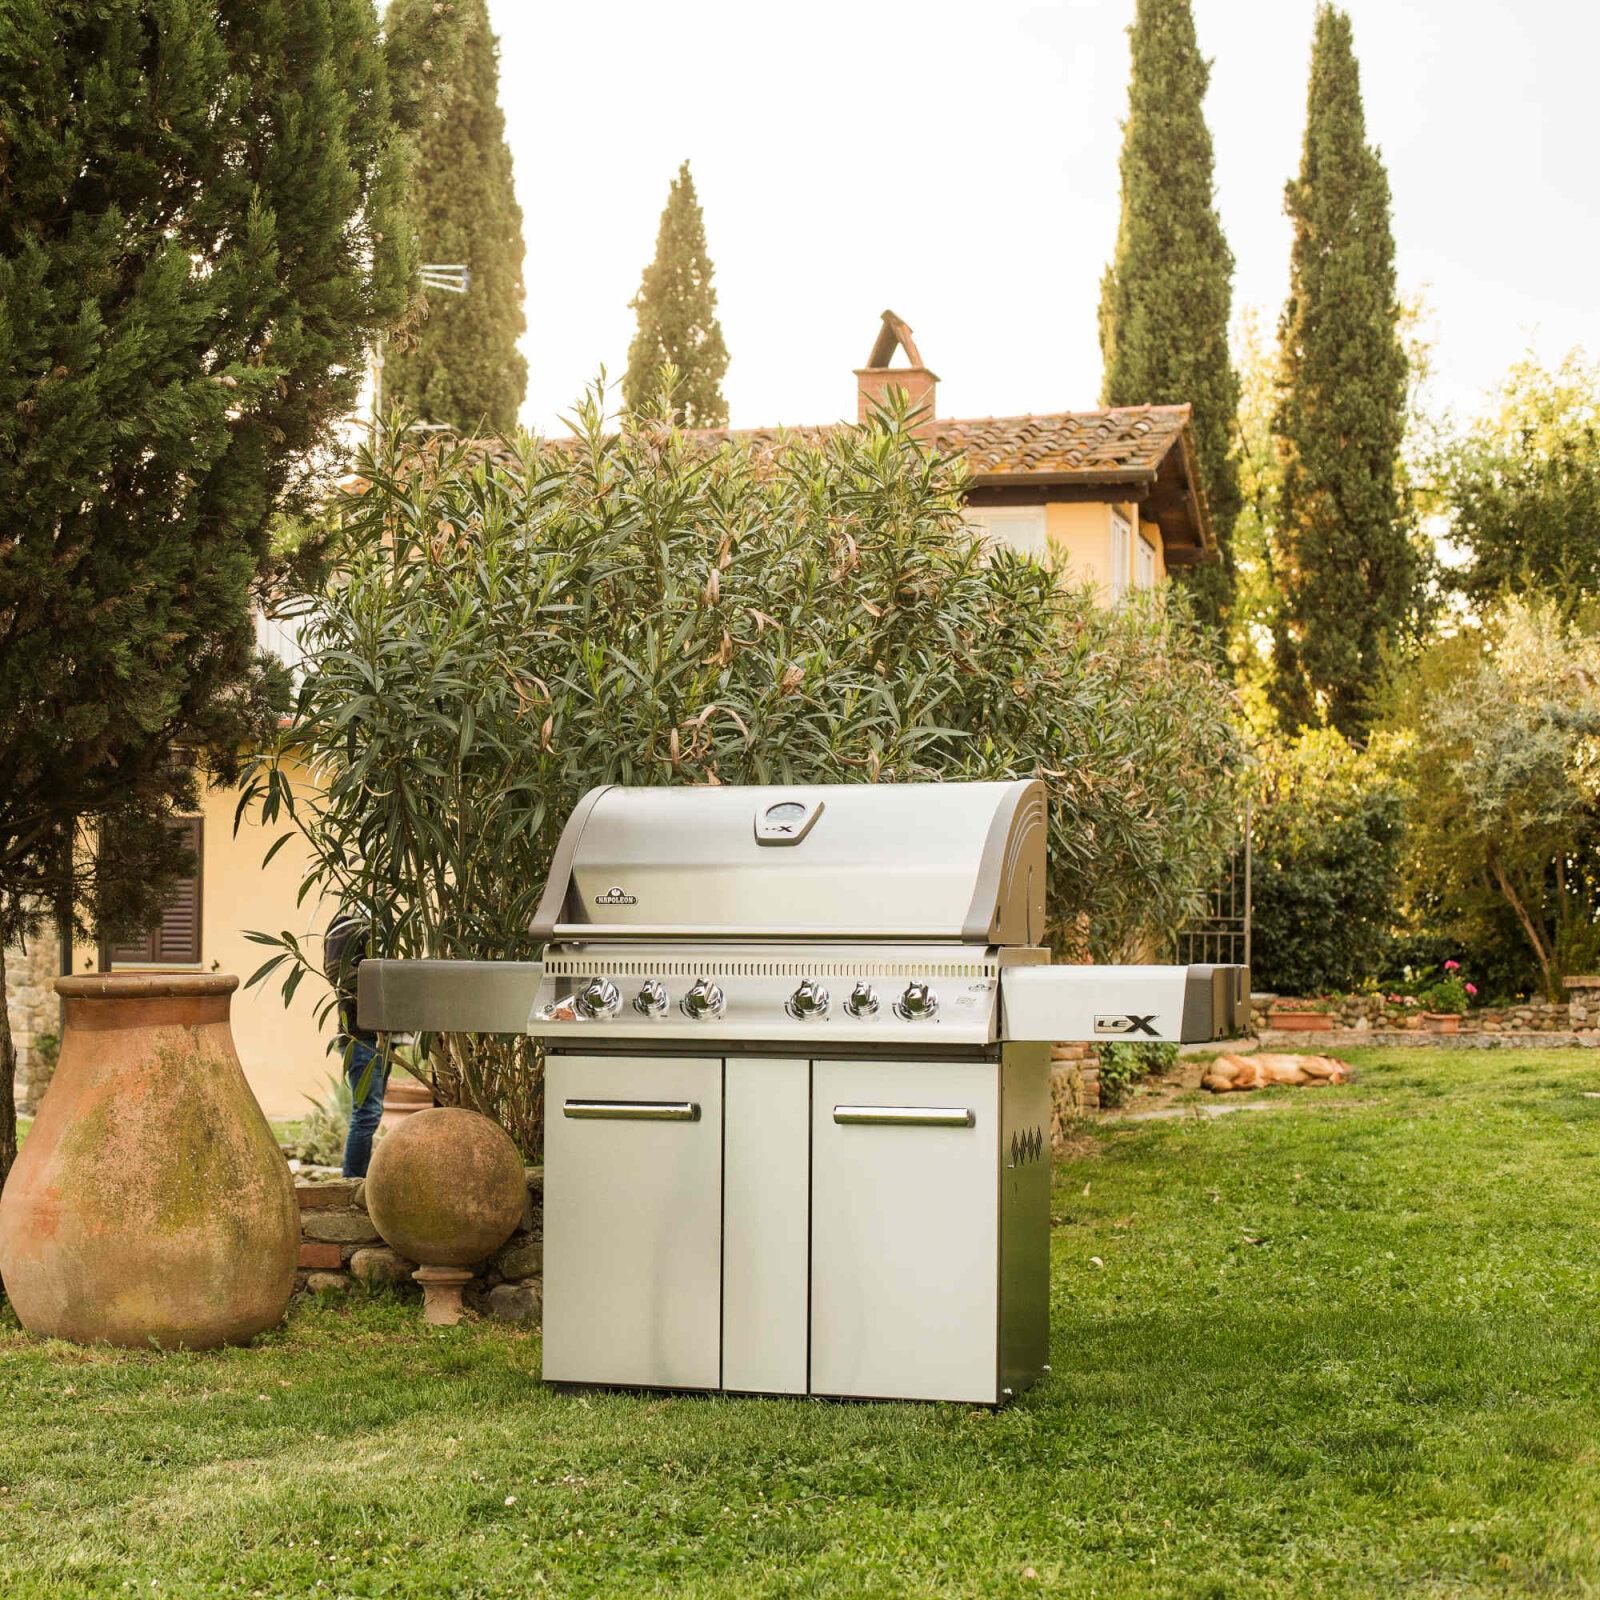 grill kaufen ratgeber worauf man achten muss beim grillkauf. Black Bedroom Furniture Sets. Home Design Ideas